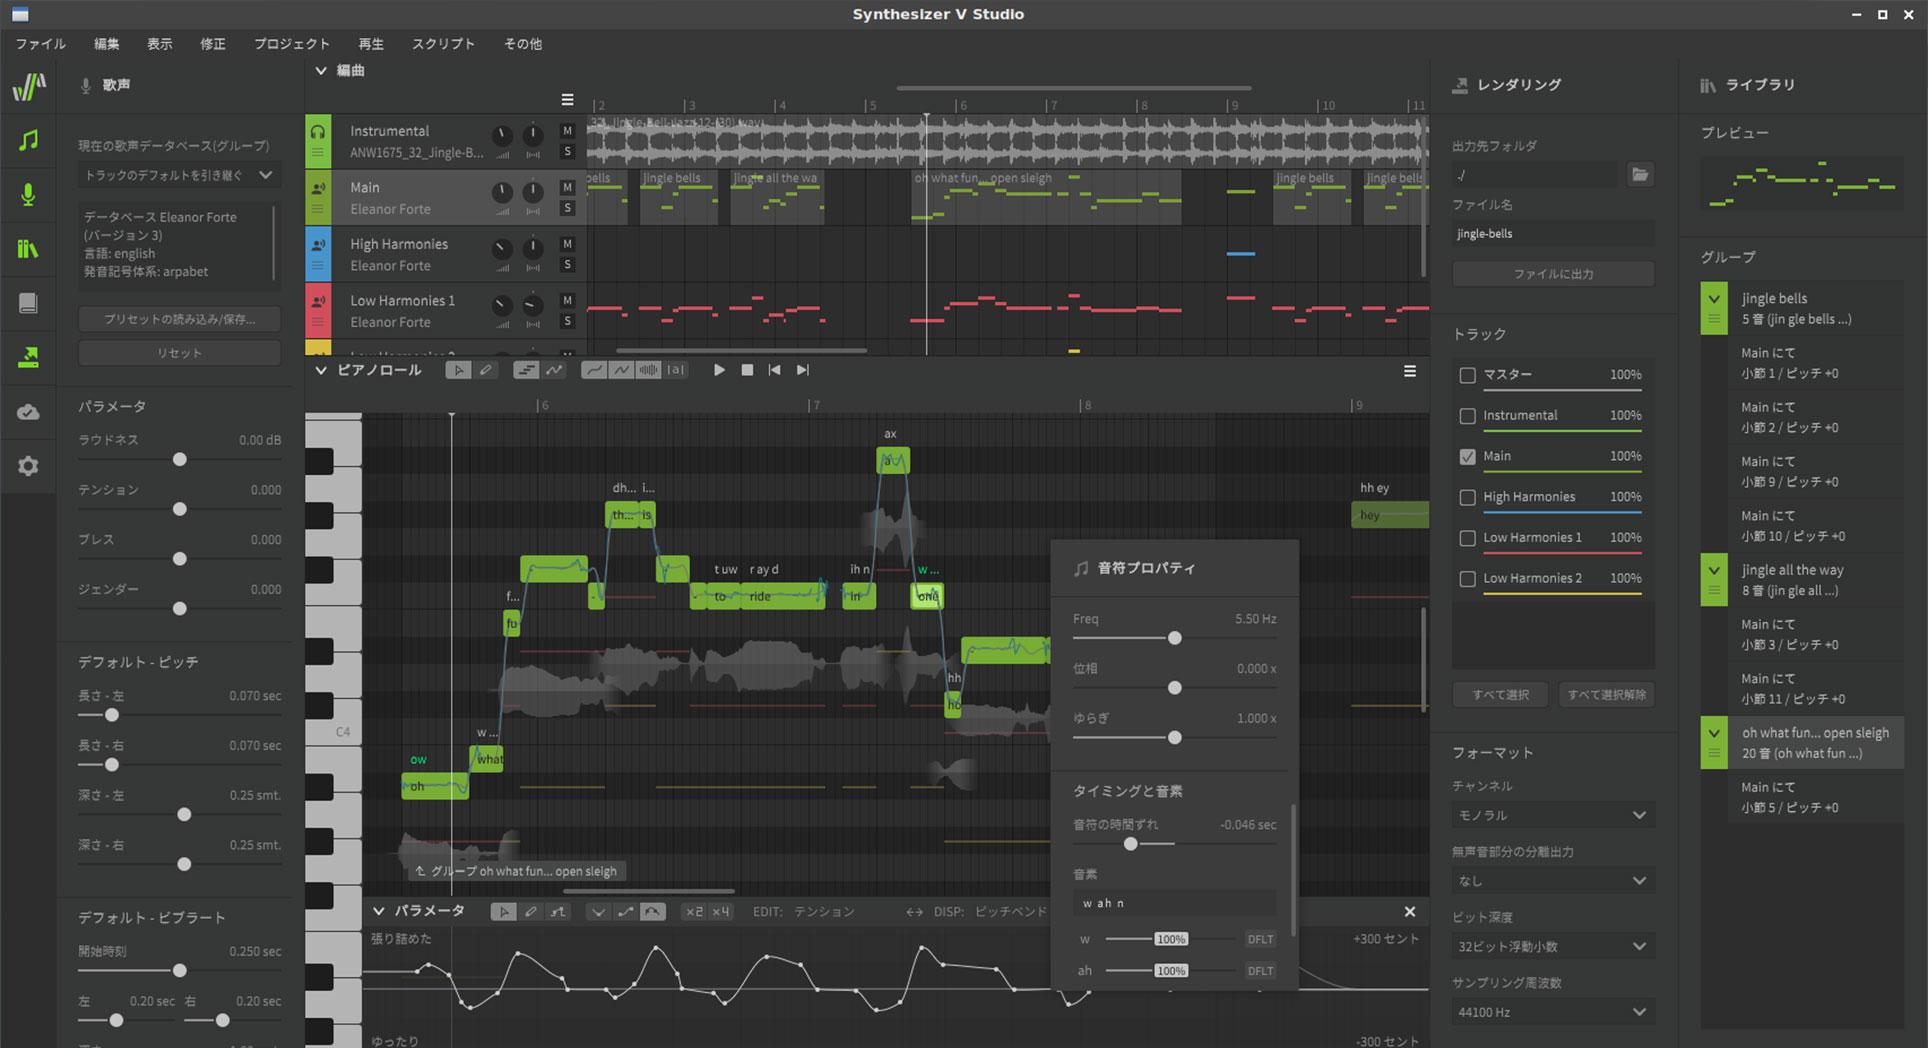 Dreamtonics - Synthesizer V Studio Pro